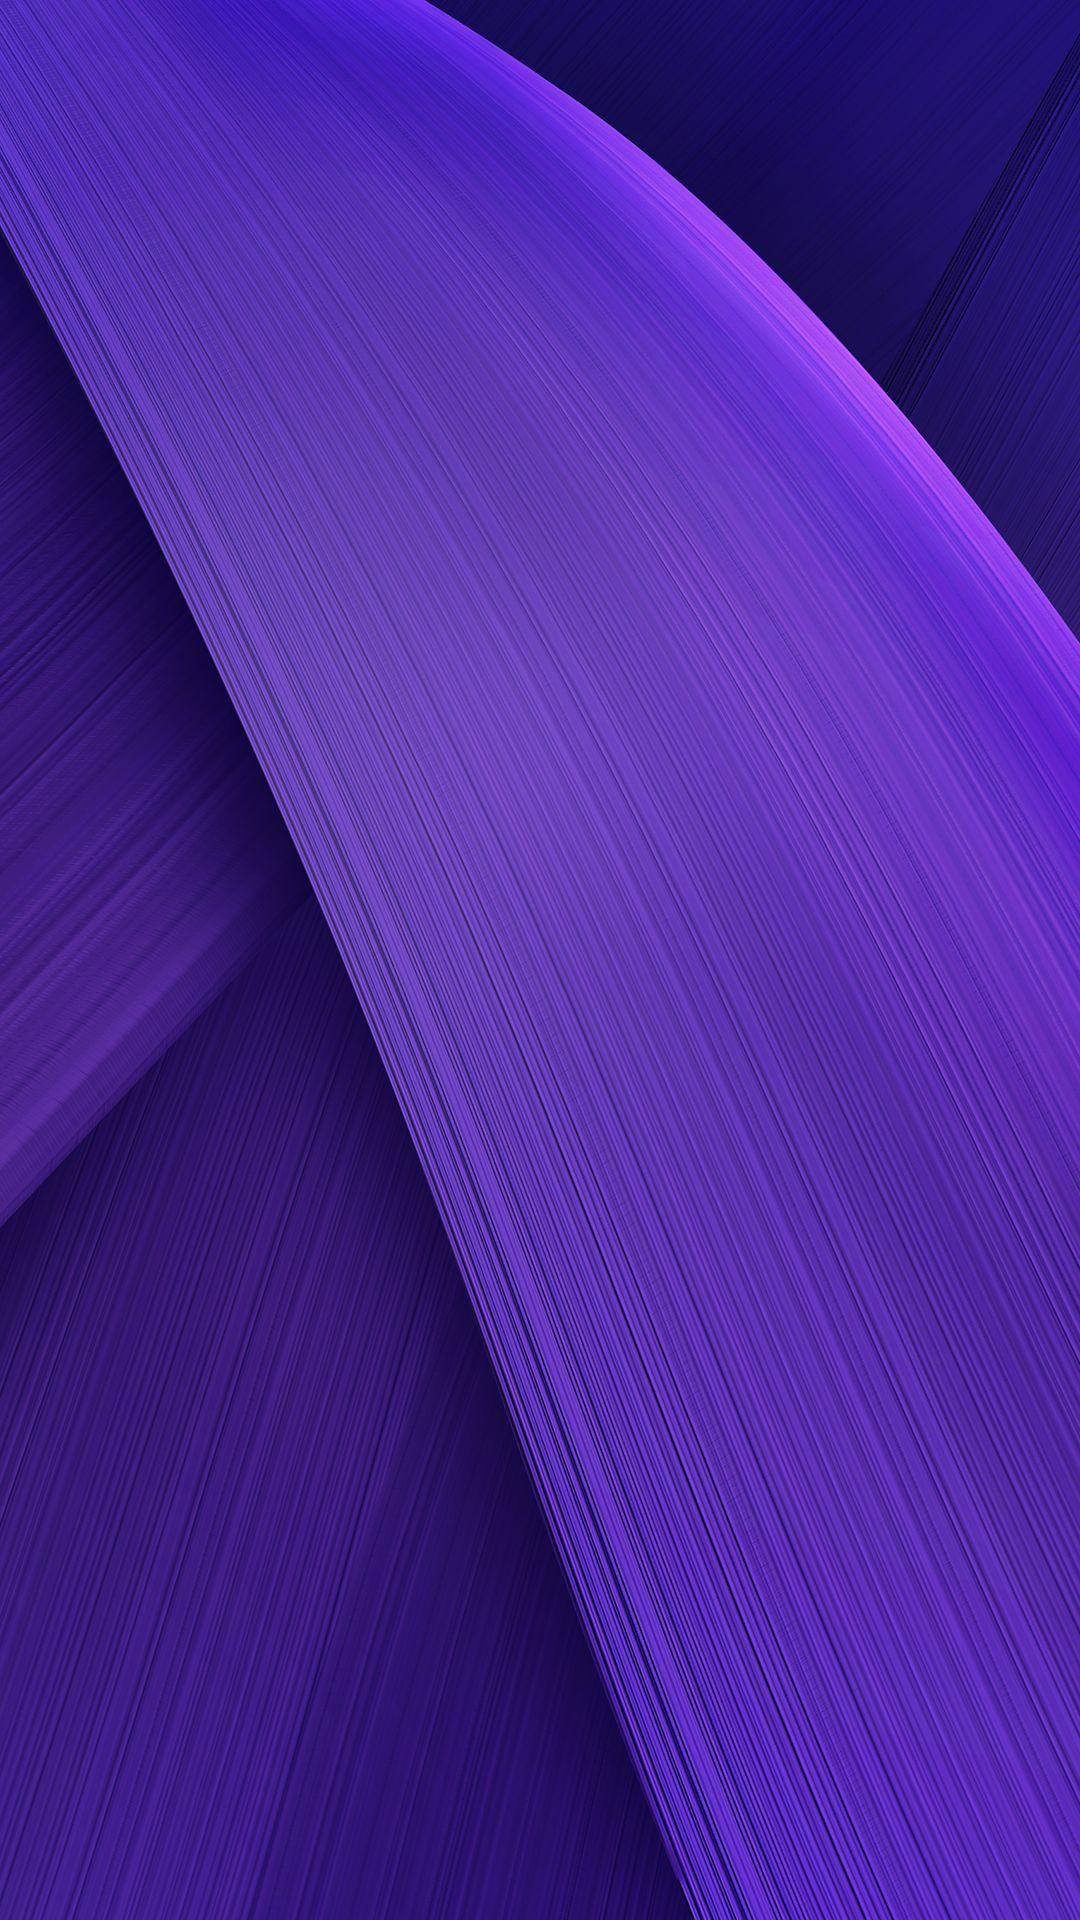 Zenfone 5 Wallpapers Wallpaper Cave